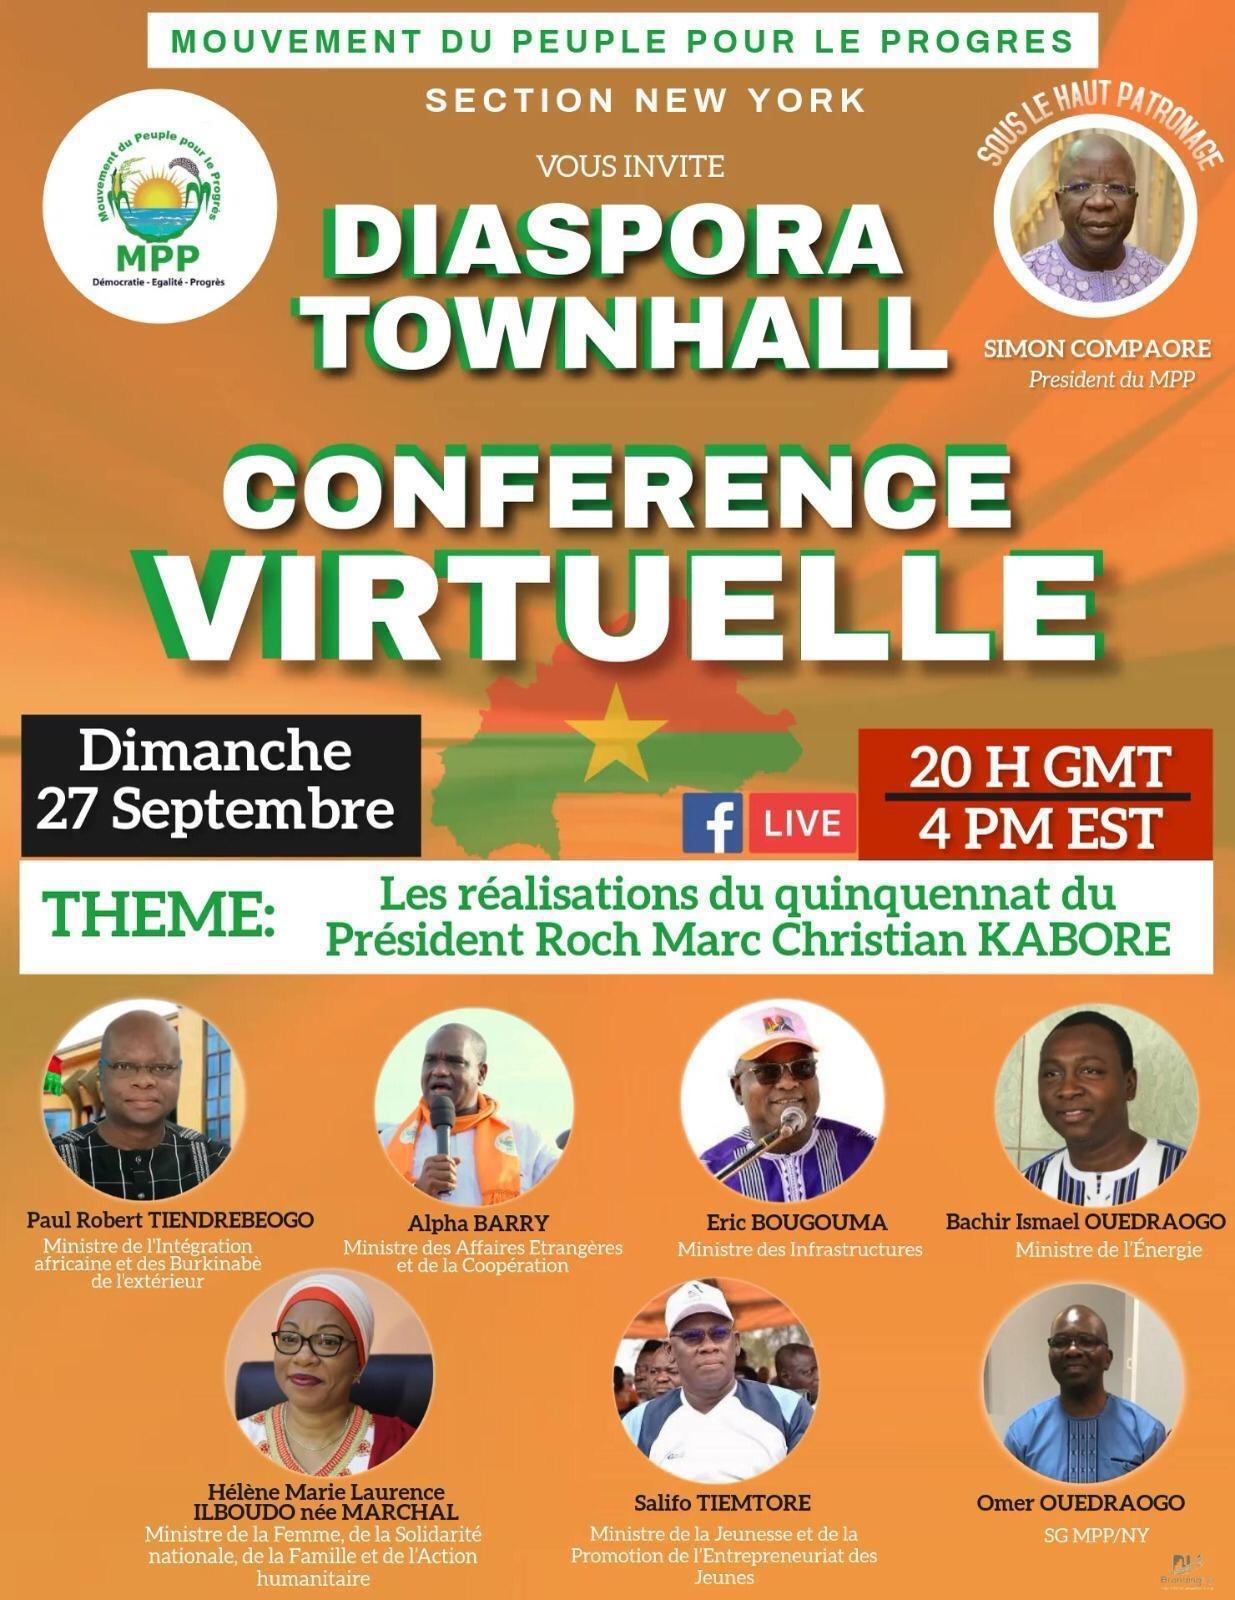 New York: Le MPP invite la diaspora Burkinabè à une conférence virtuelle sur les réalisations du quinquennat du Président Kaboré